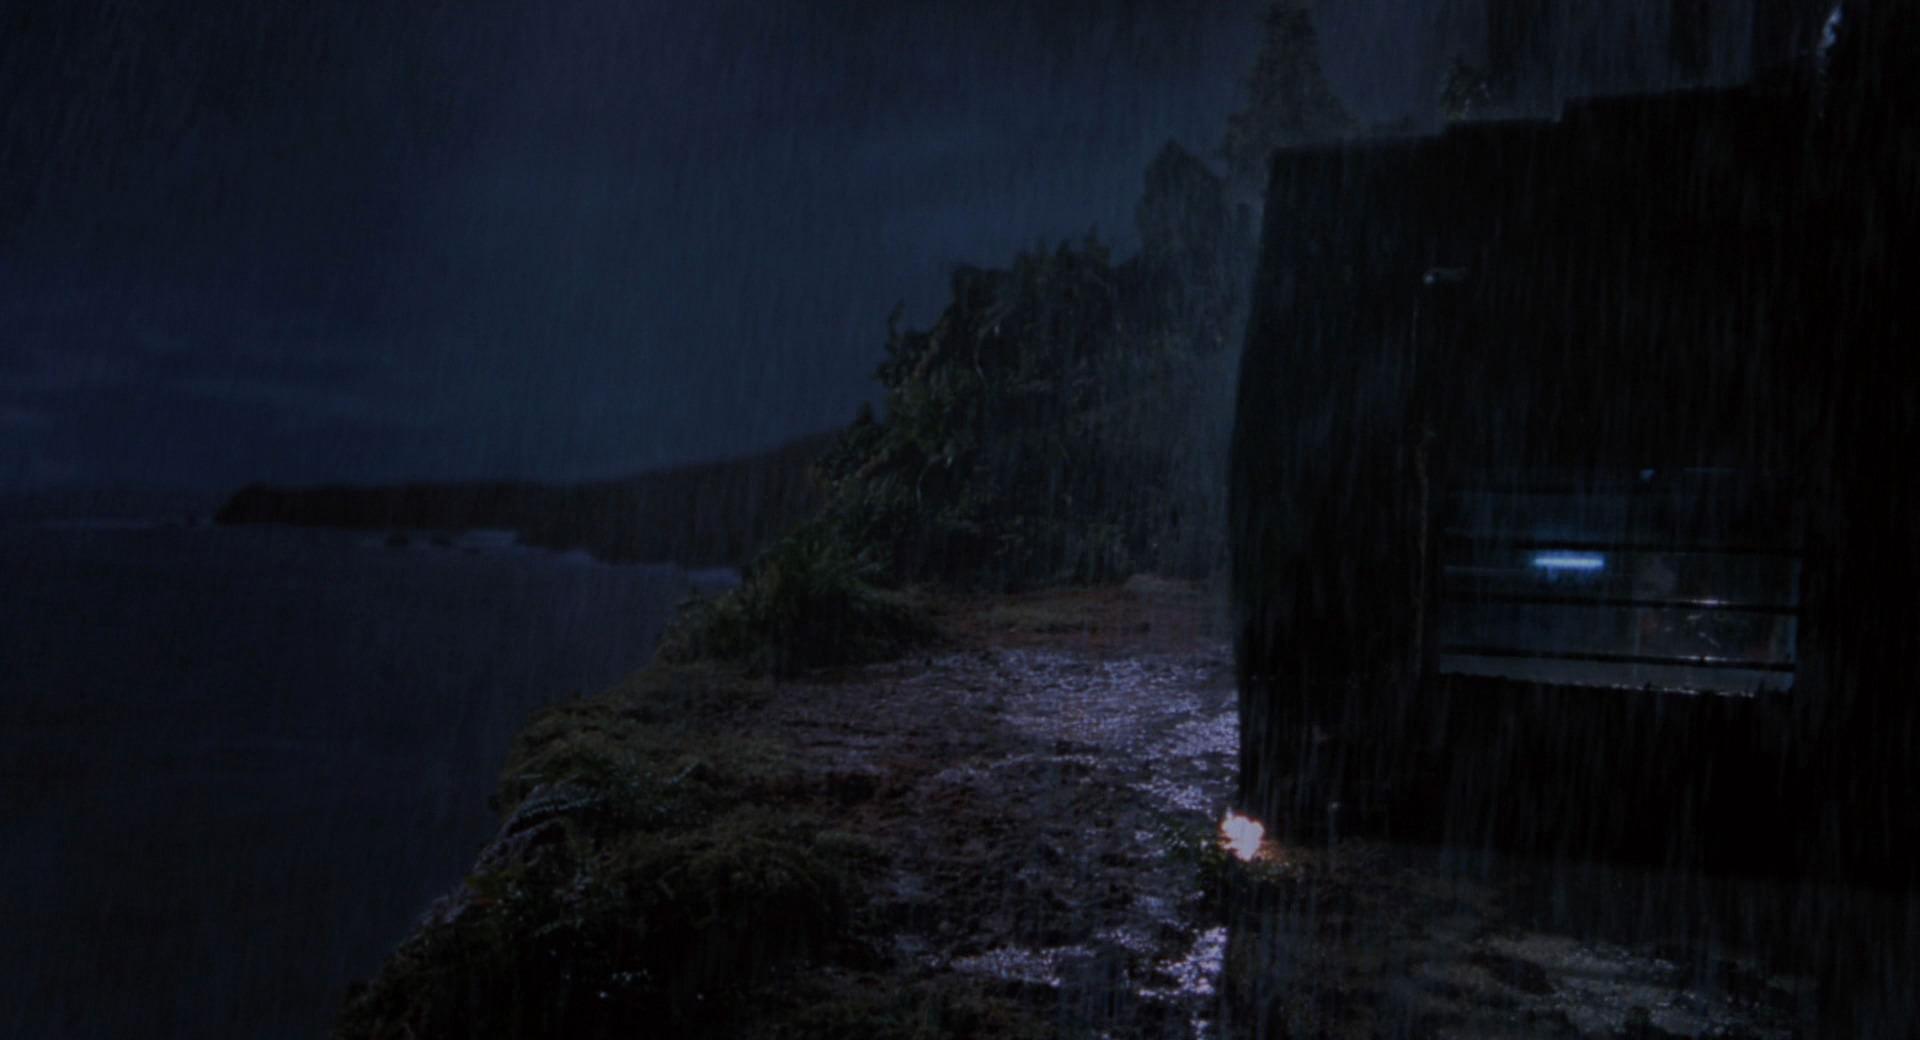 The Lost World Jurassic Park Screencaps are here Jurassic-lost-world-movie-screencaps.com-6735